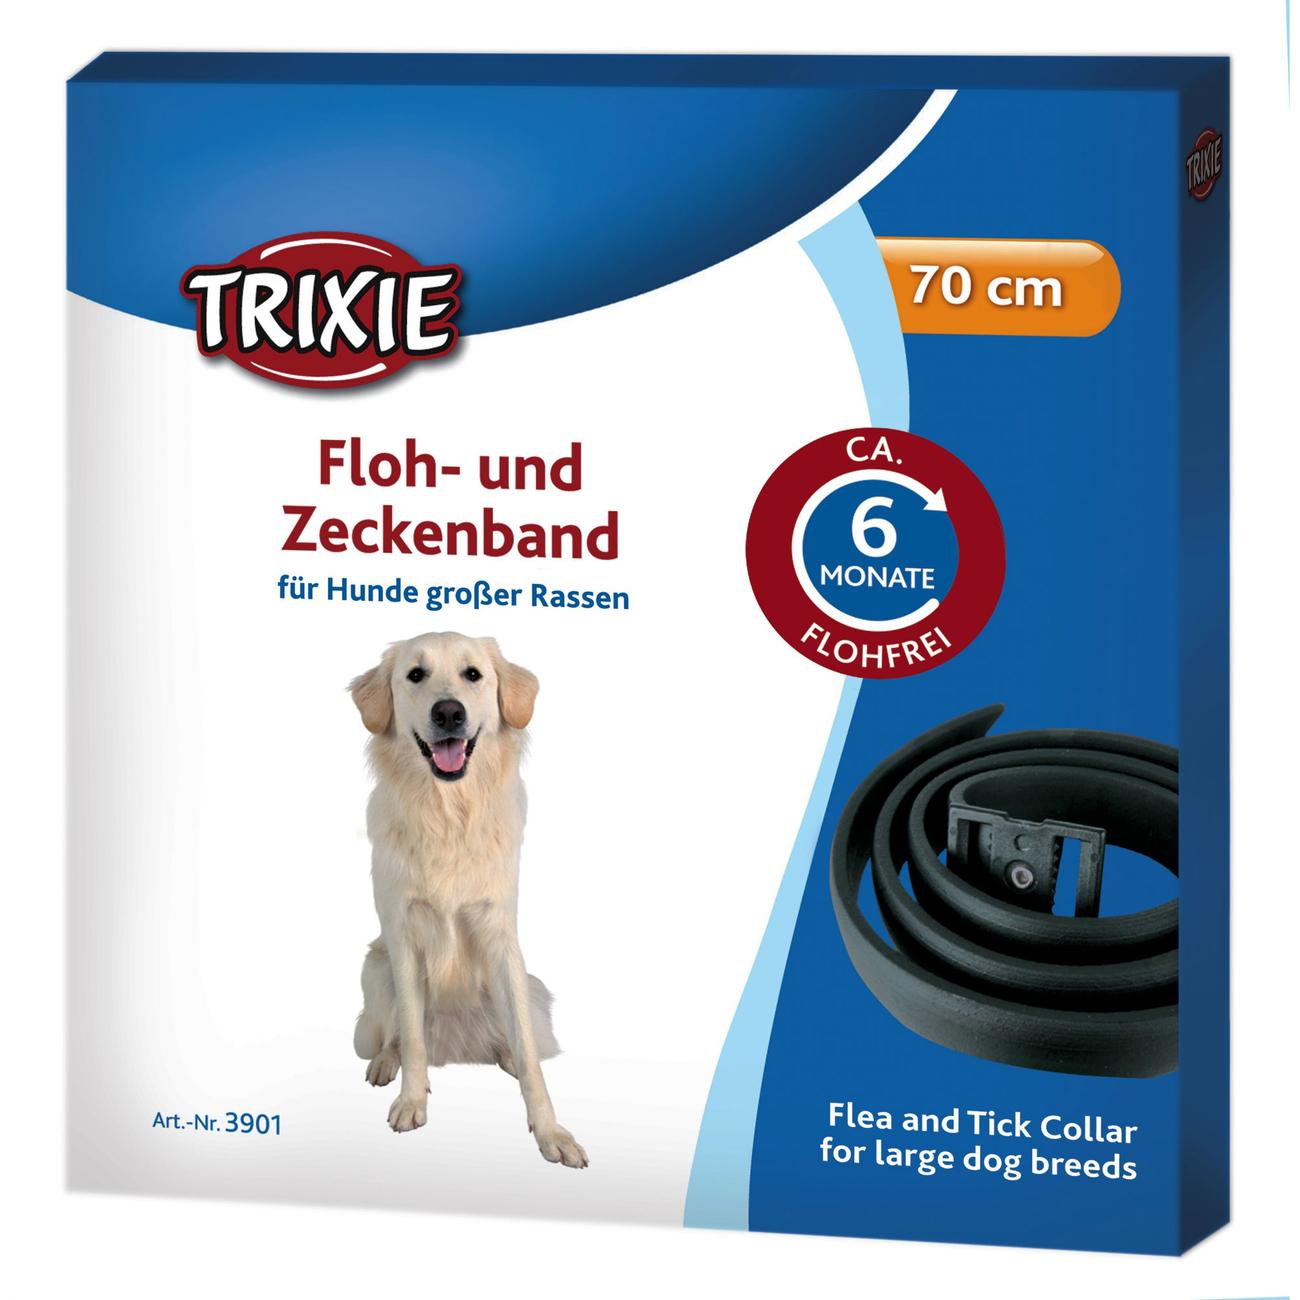 Trixie Flohhalsband und Zeckenhalsband für Hunde 3900, Bild 2